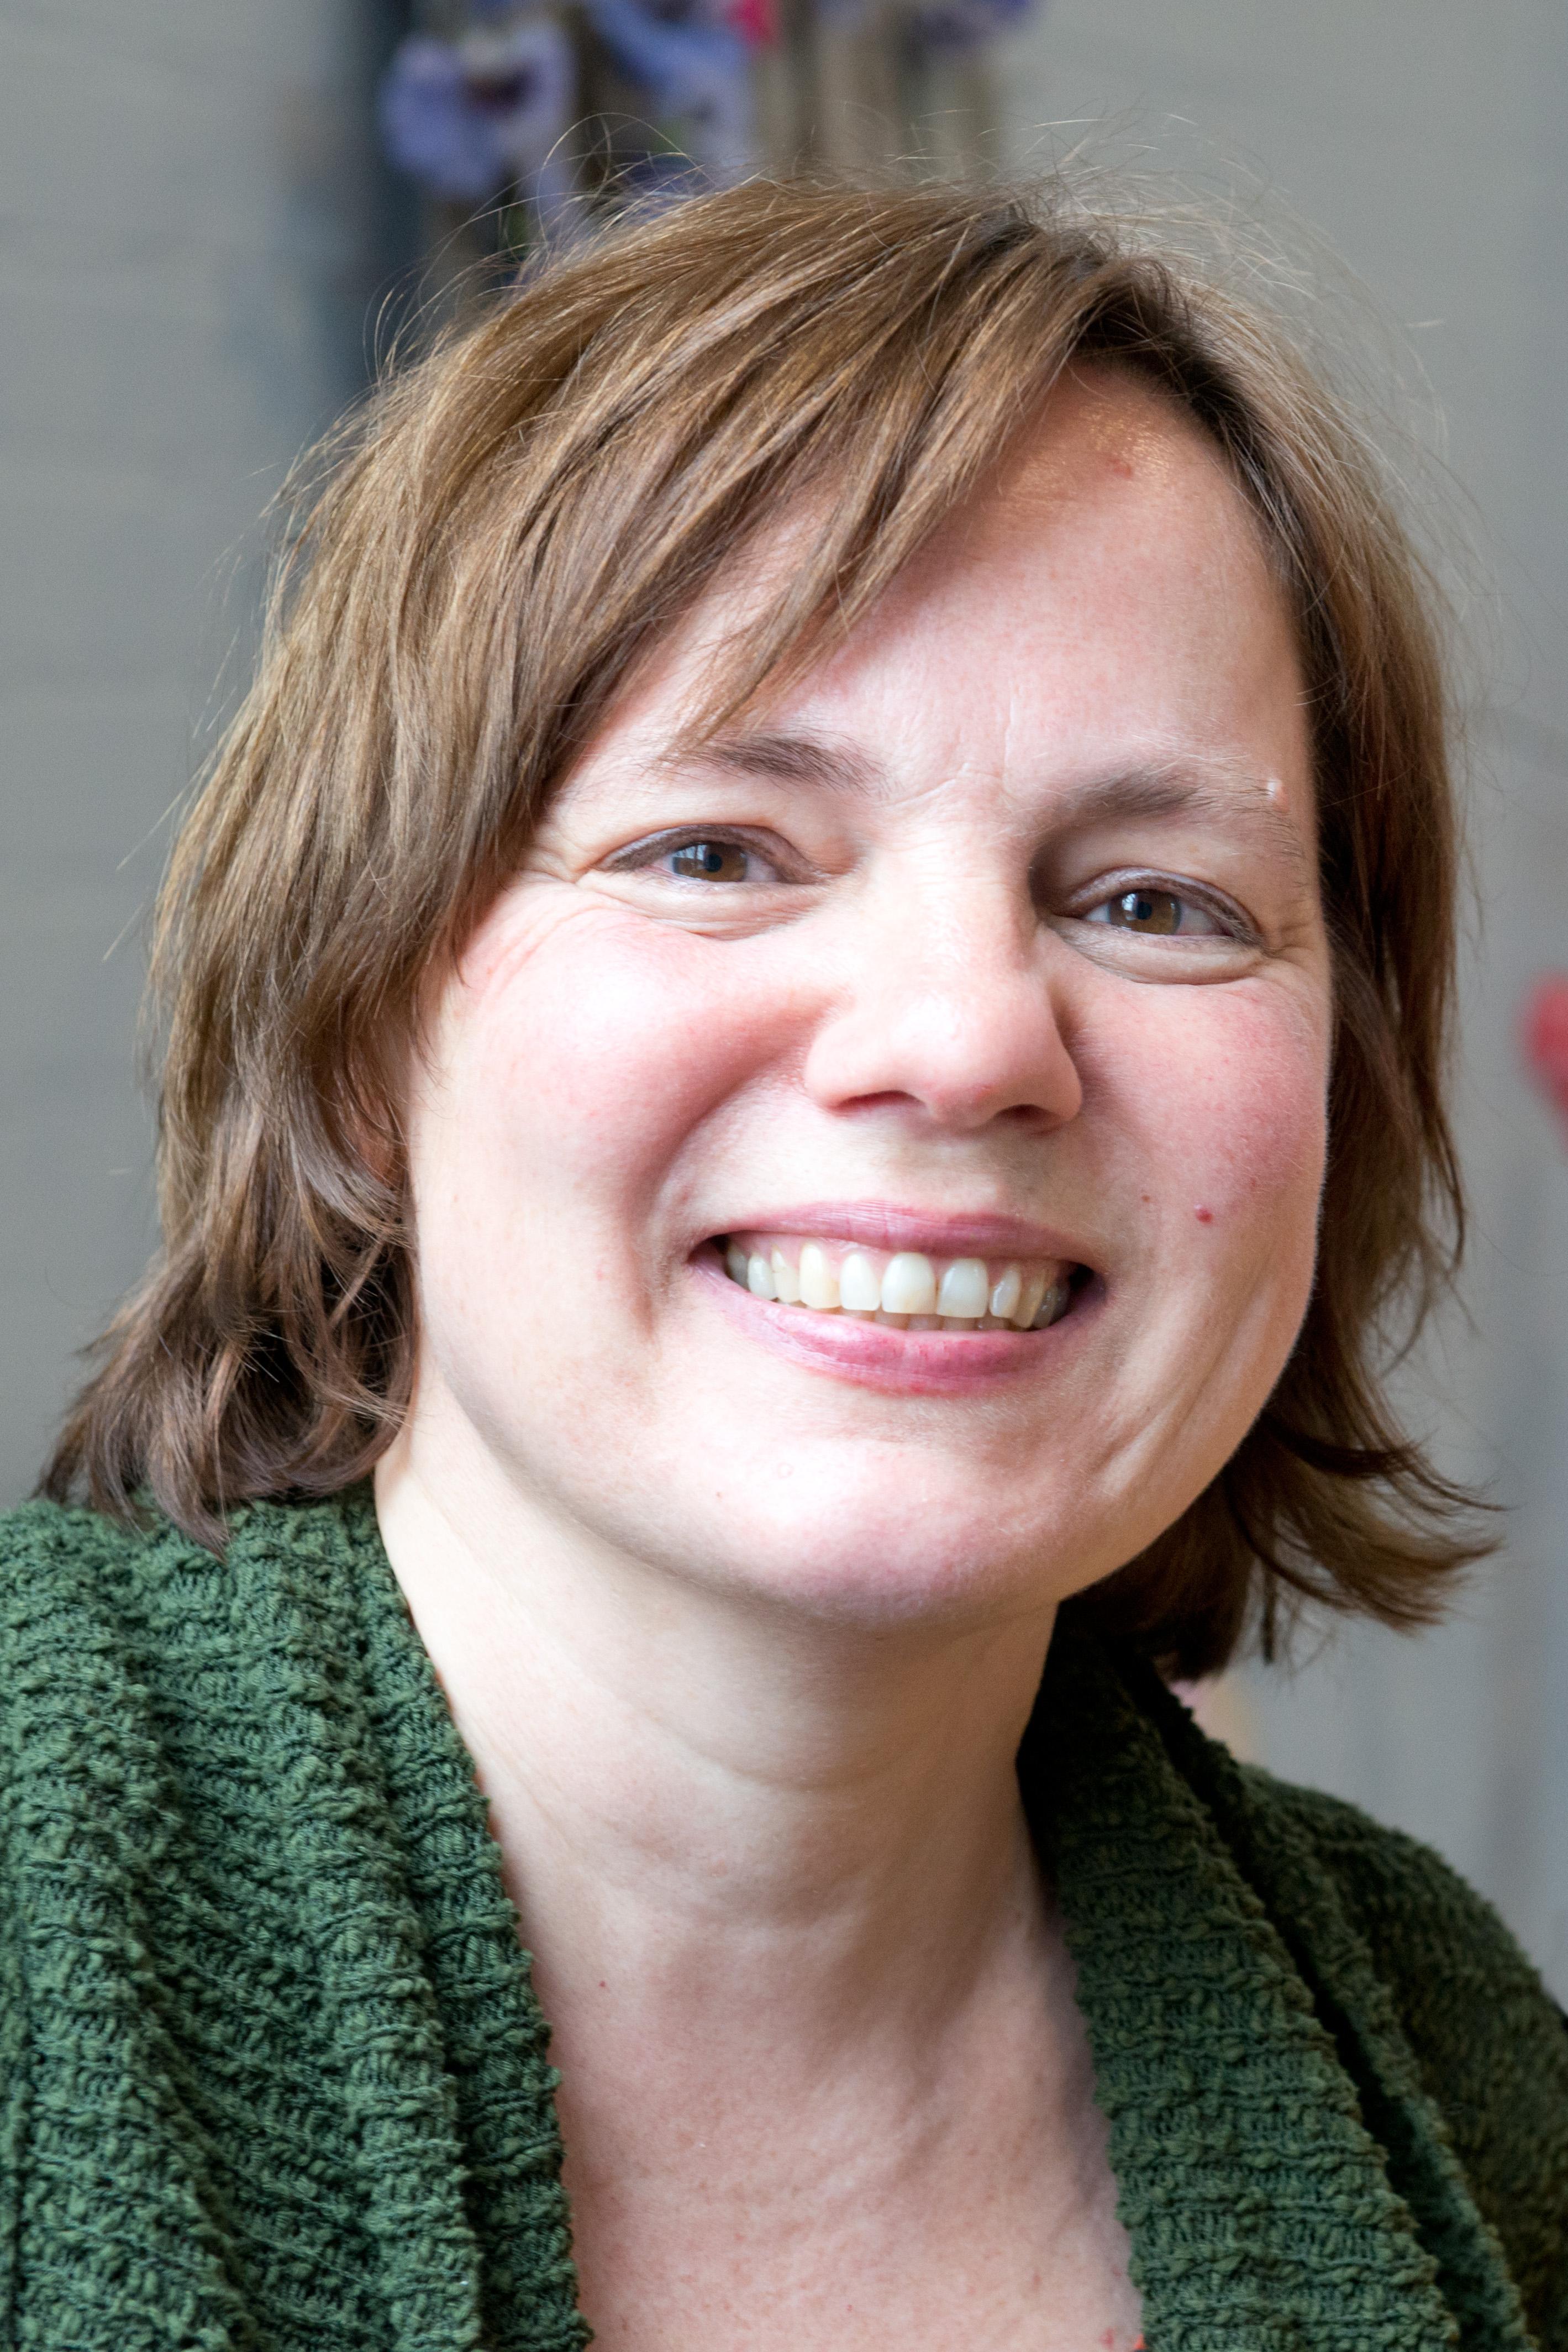 Photography: Remke Spijkers www.remkespijkers.com